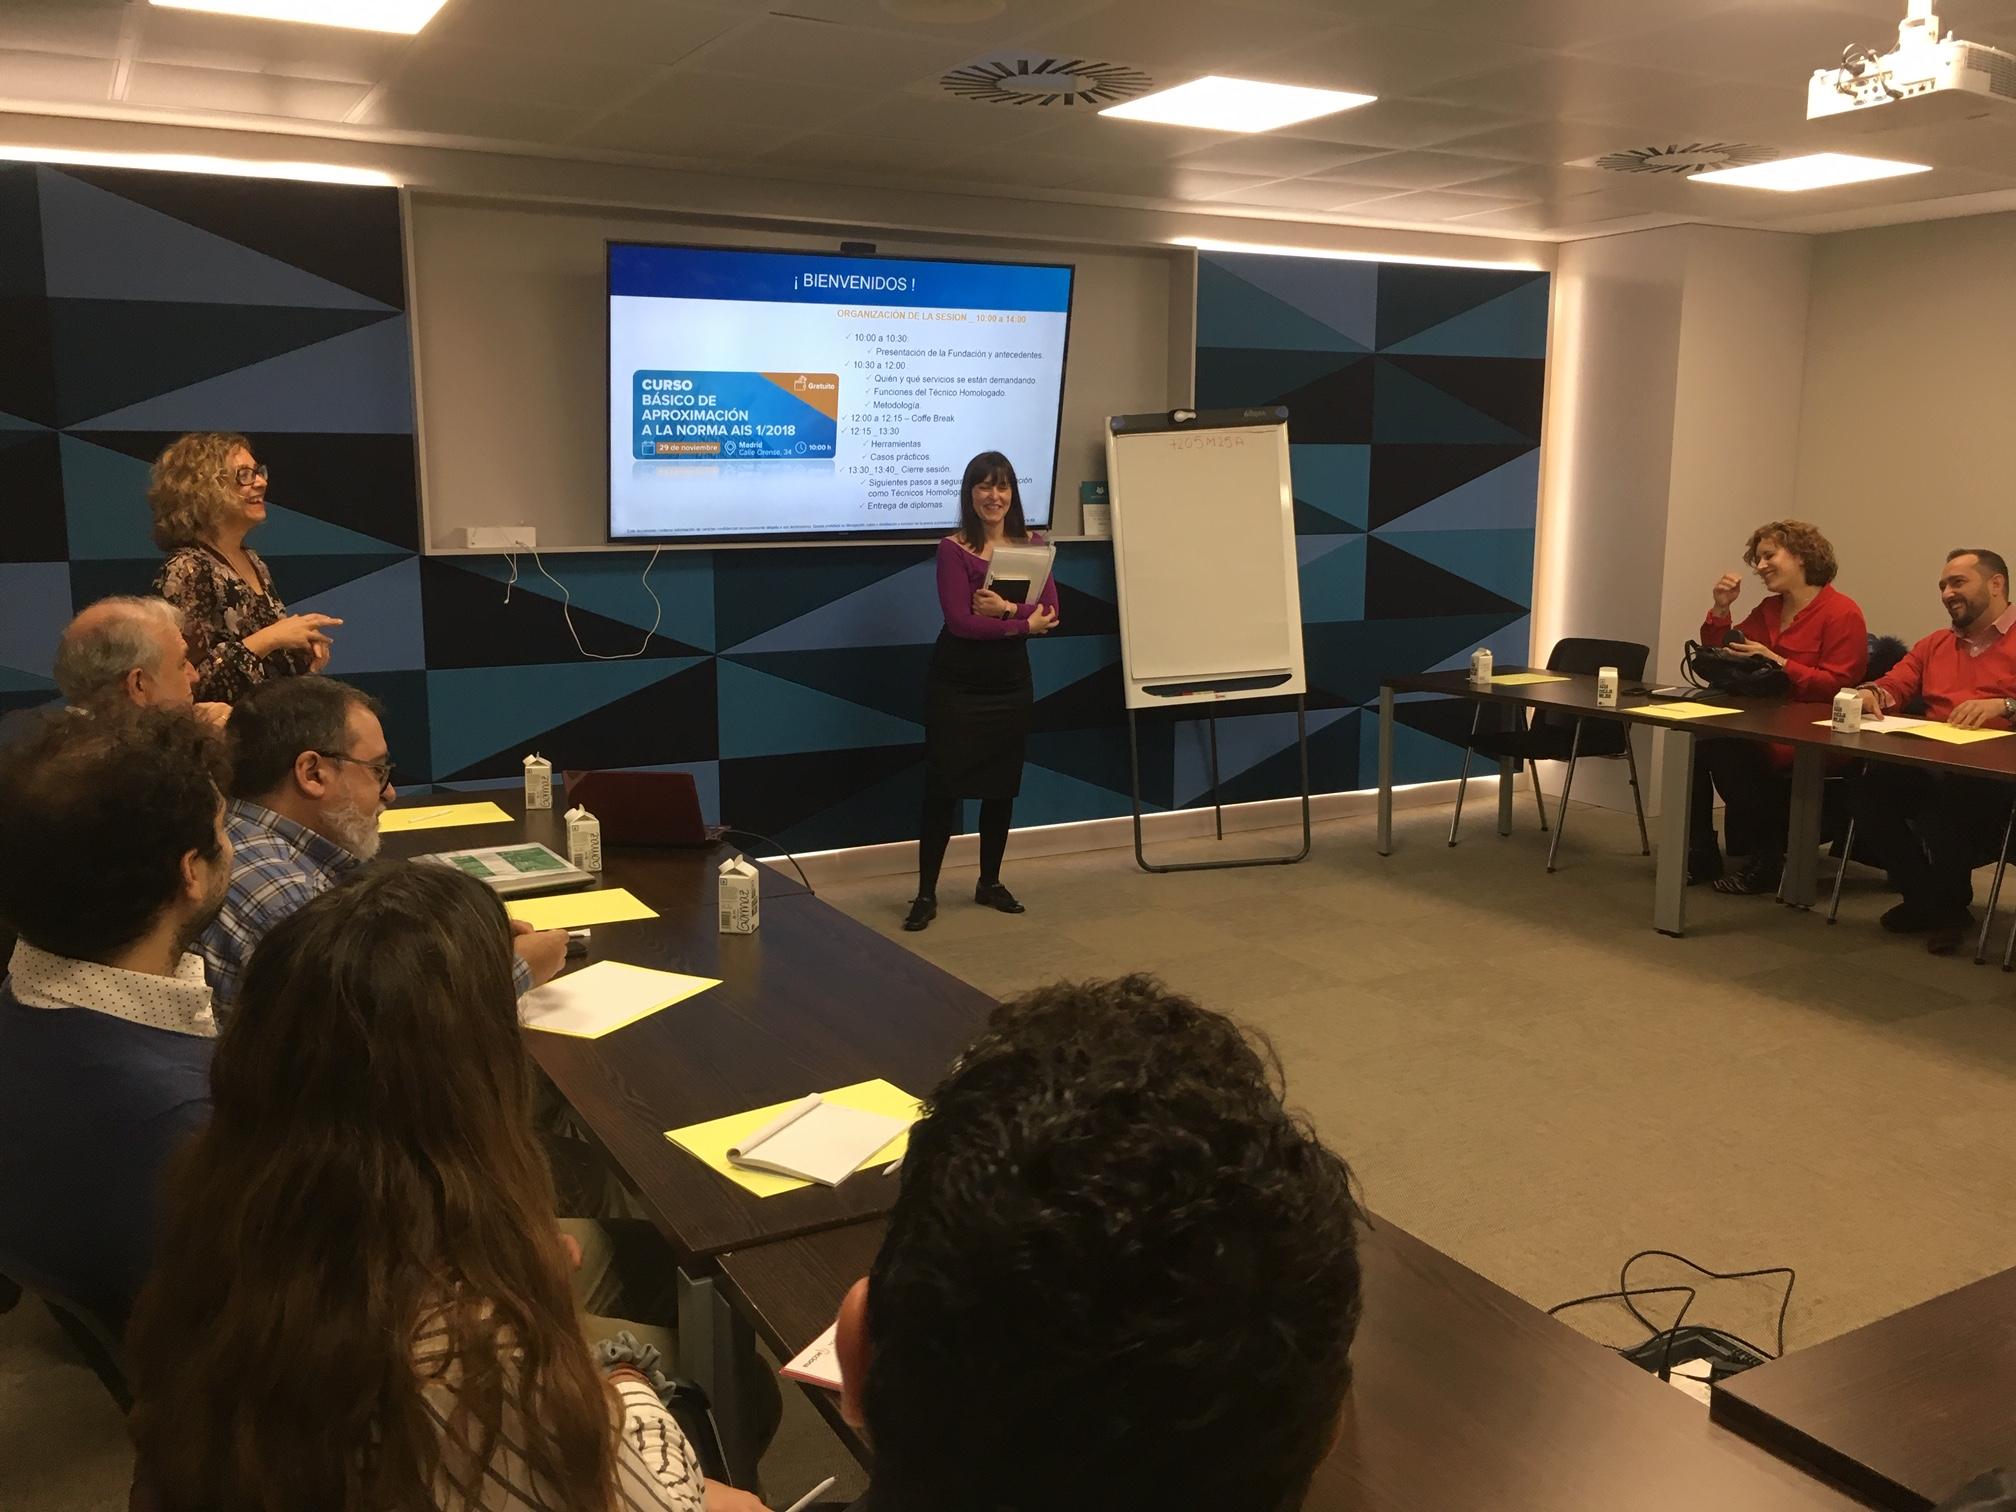 Cristina Pezonaga presenta el curso de pie frente a los aistentes